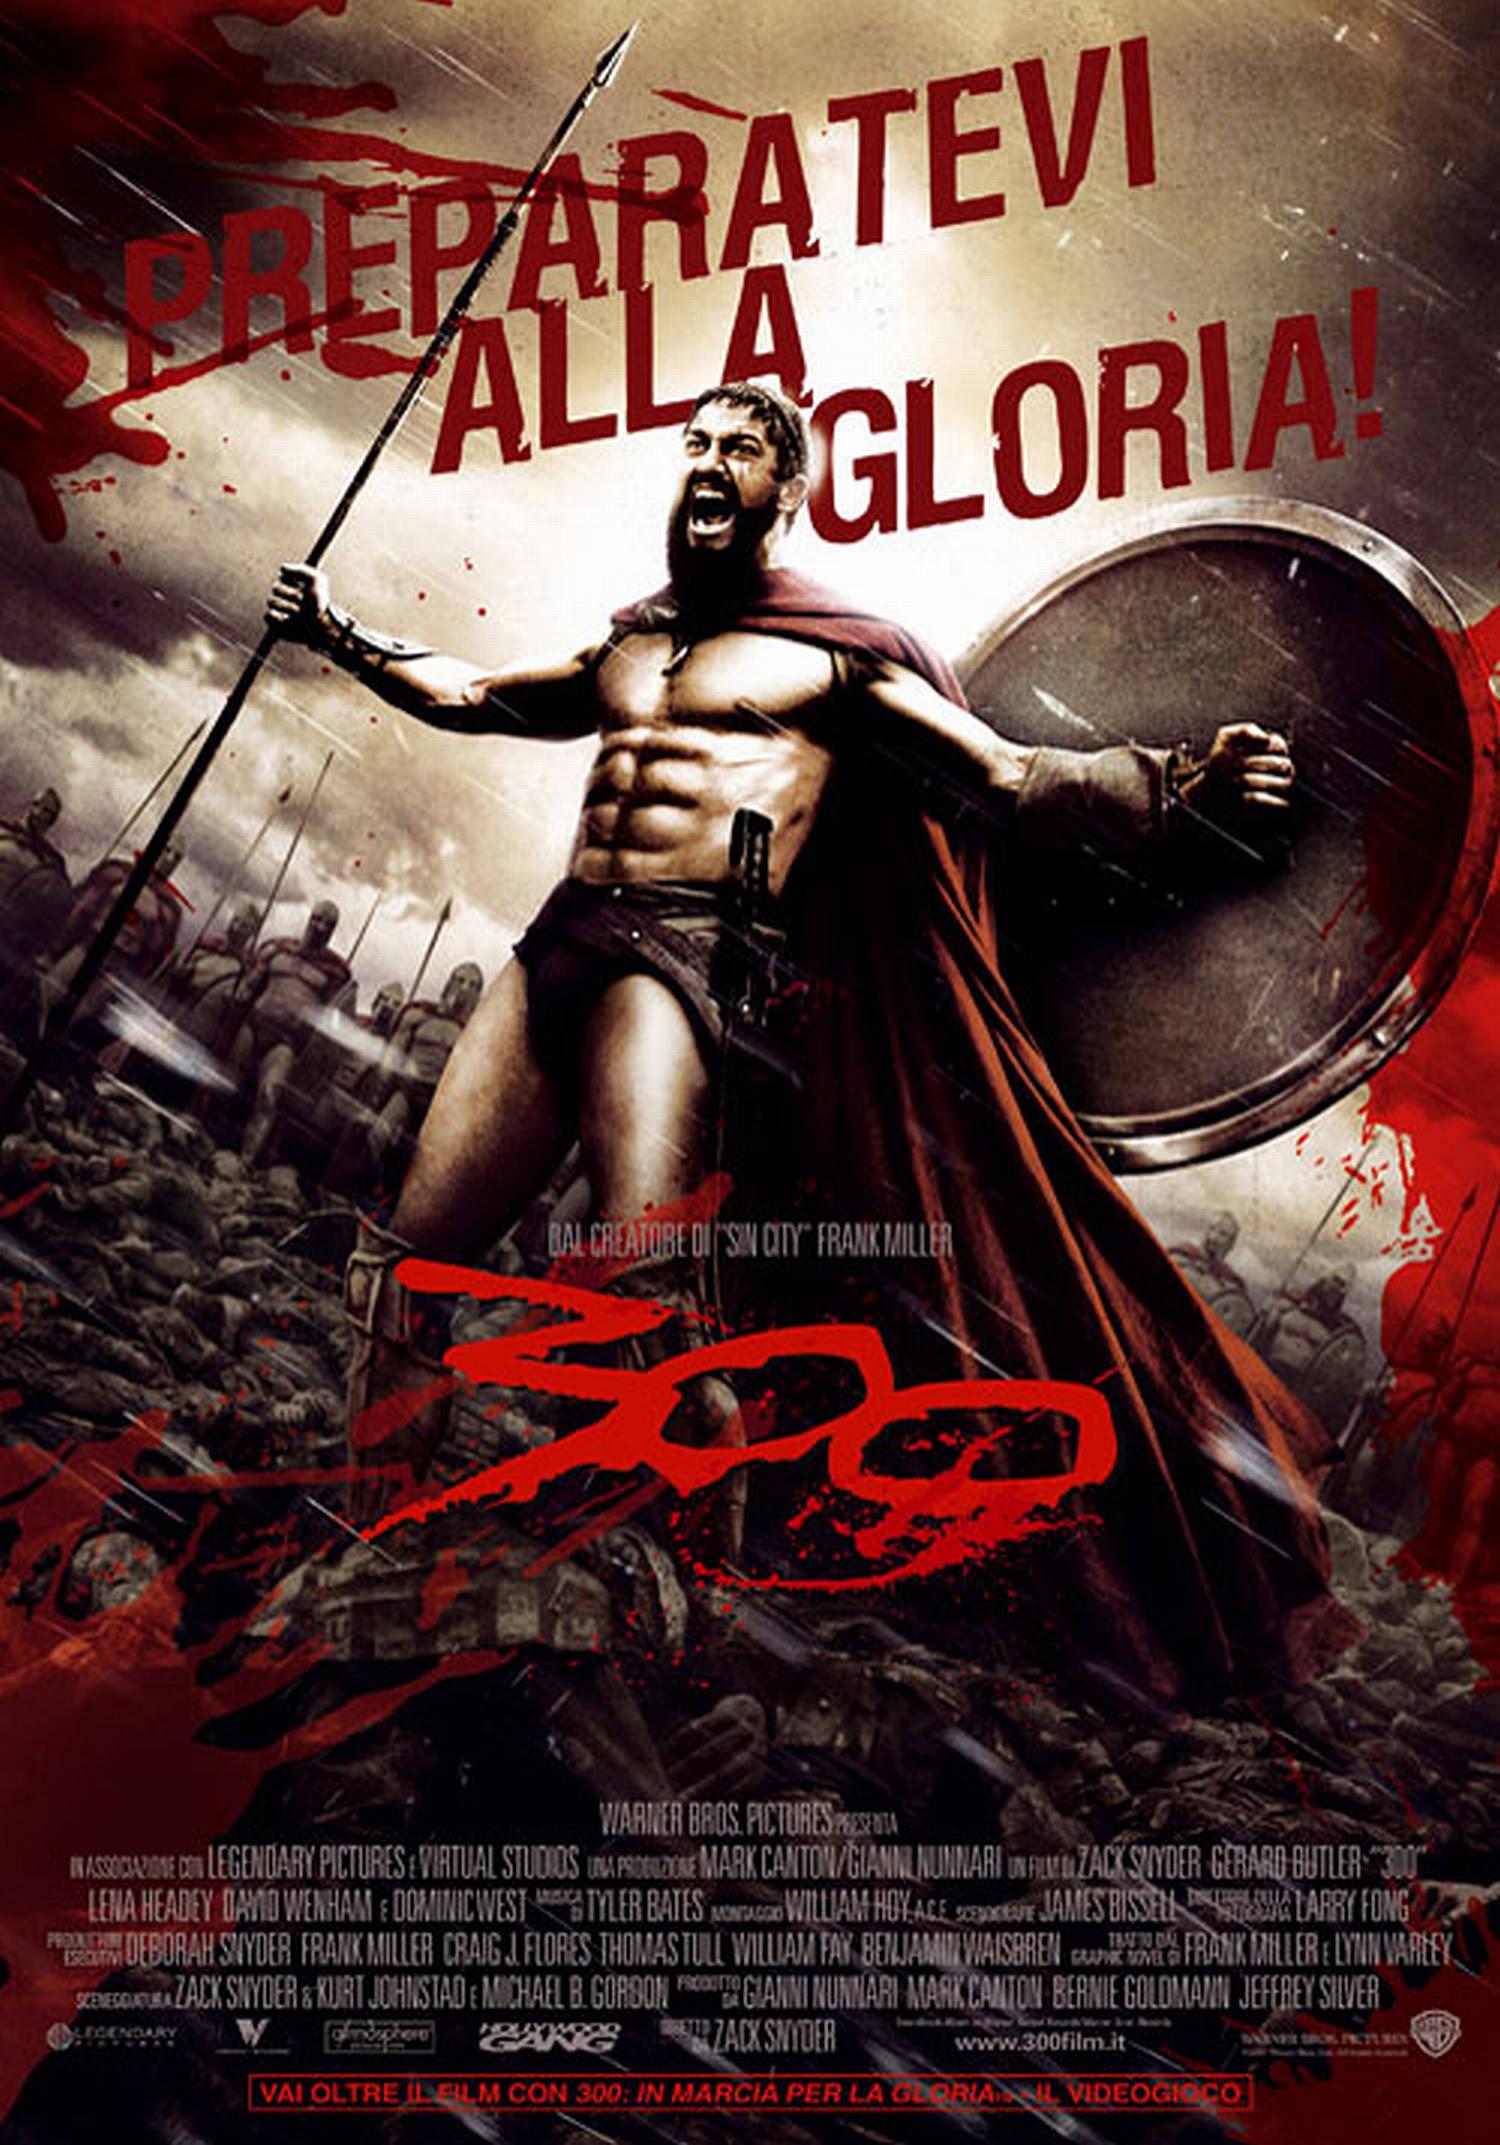 [parlando con il figlio] Ricorda sempre: la vera forza di uno spartano è il guerriero al suo fianco. Perciò dagli rispetto e onore, e li riceverai a tua volta.